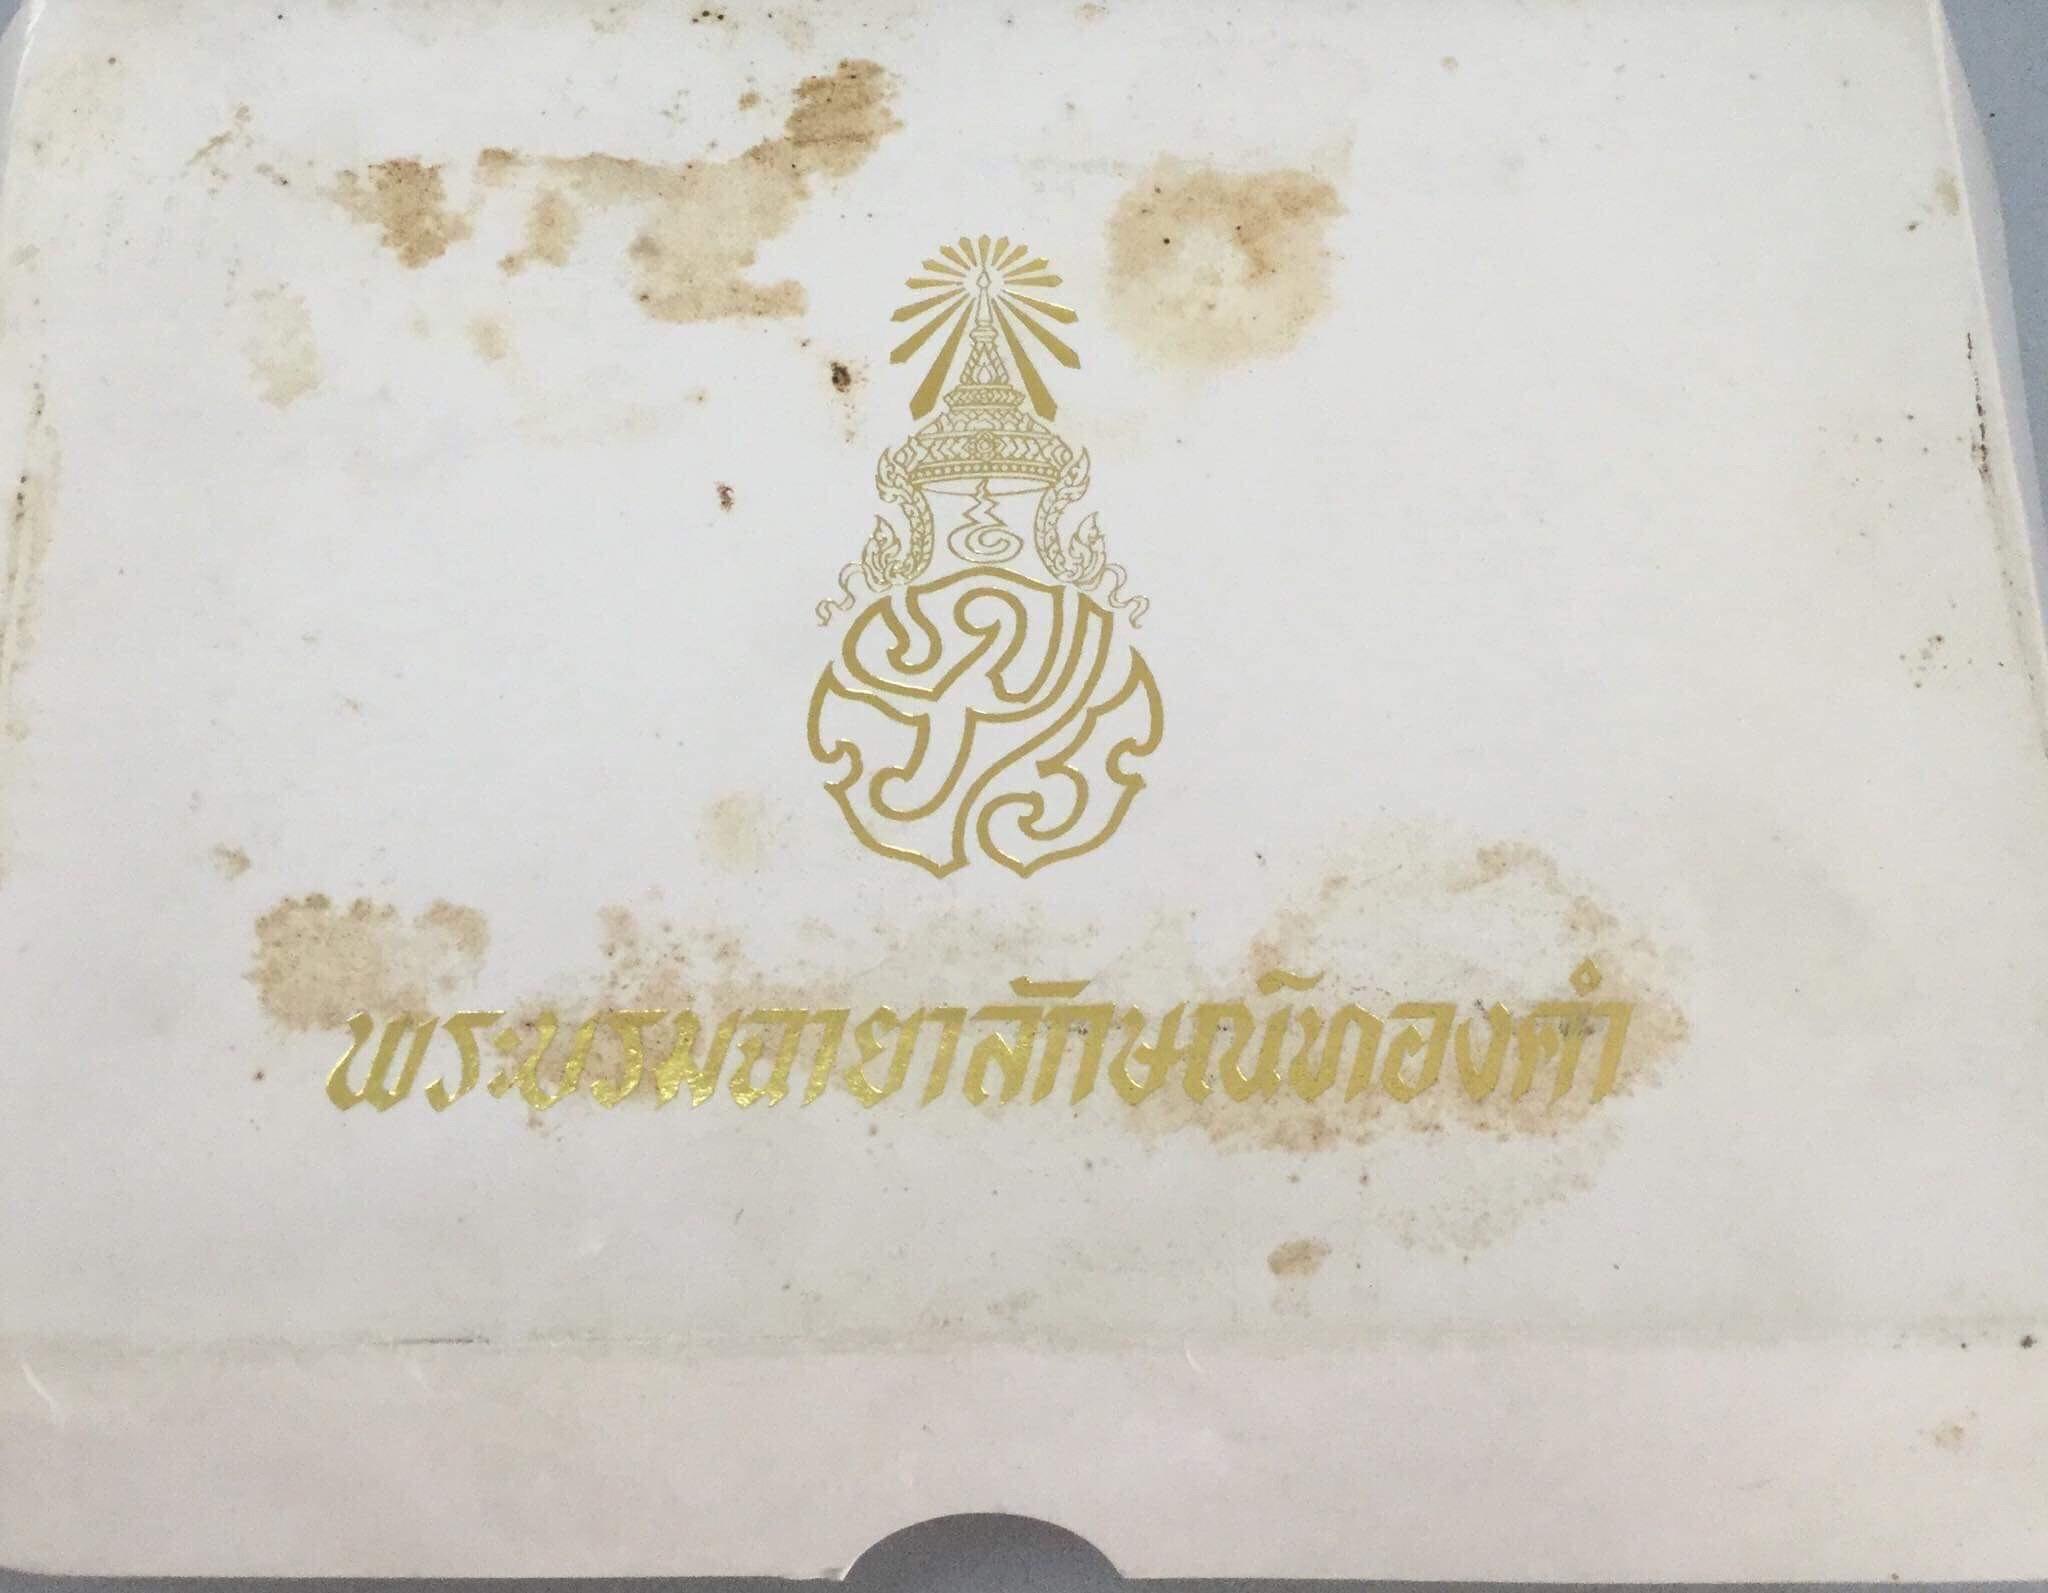 พระบรมฉายาลักษณ์ แผ่นทองคำ ร.9 ฉลองครองราชครบรอบ50ปี